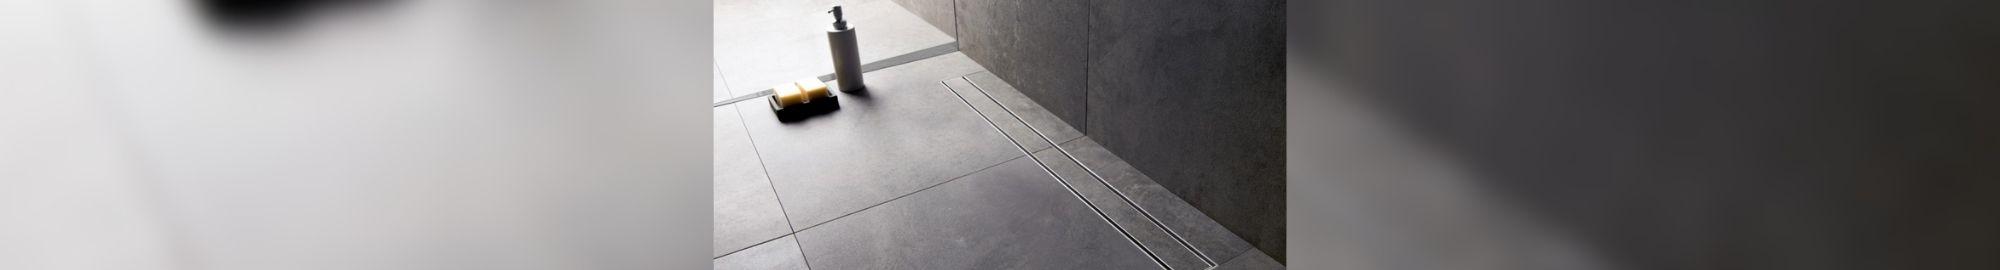 Ralo linear para banheiro: ele é melhor que o comum?